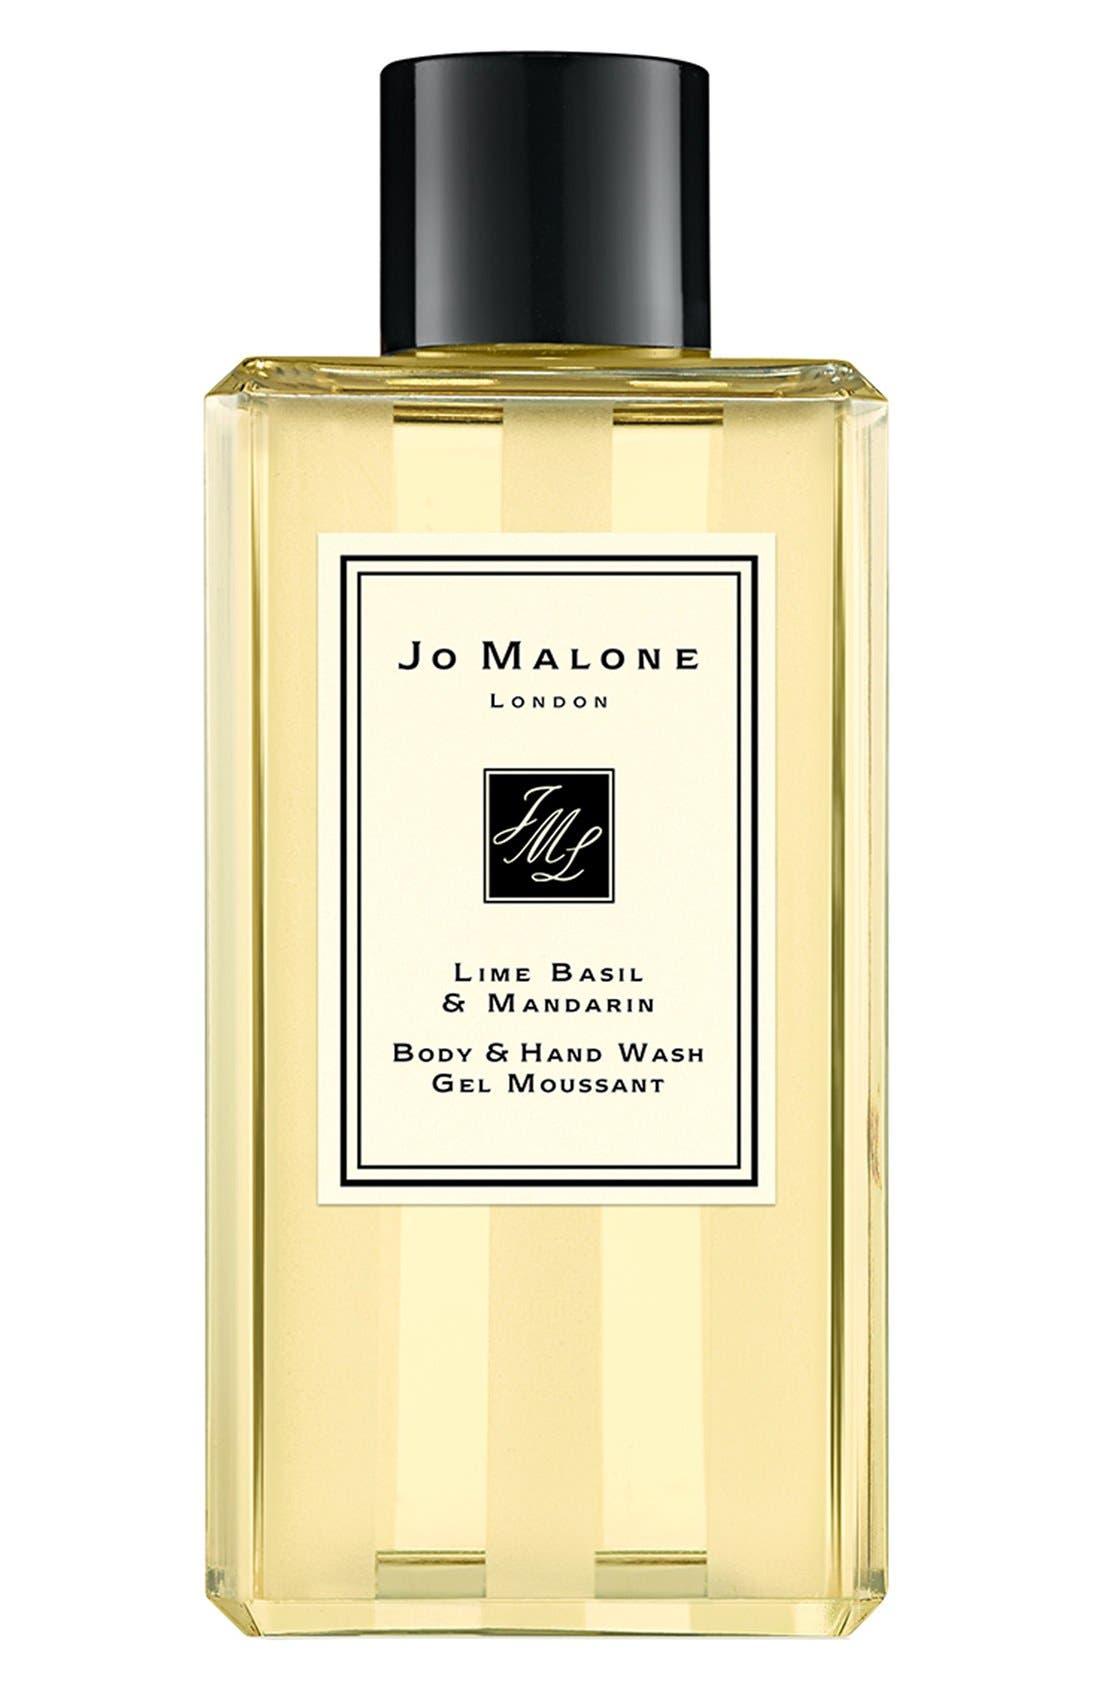 Jo Malone London(TM) Lime Basil & Mandarin Shower Gel